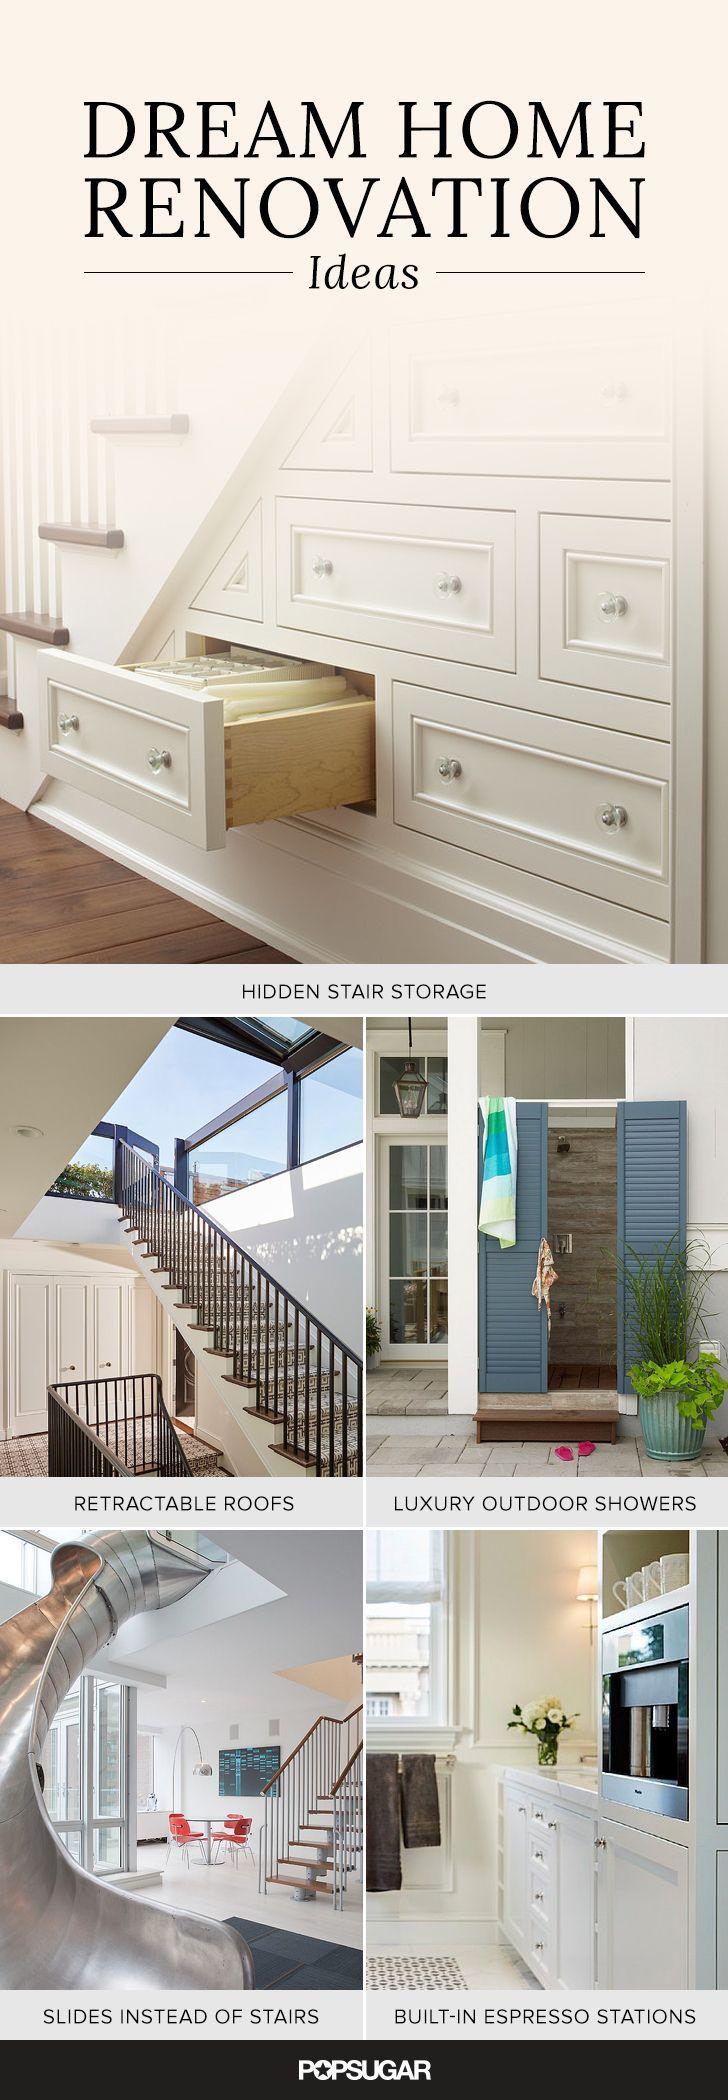 Dream Home Renovation Ideas